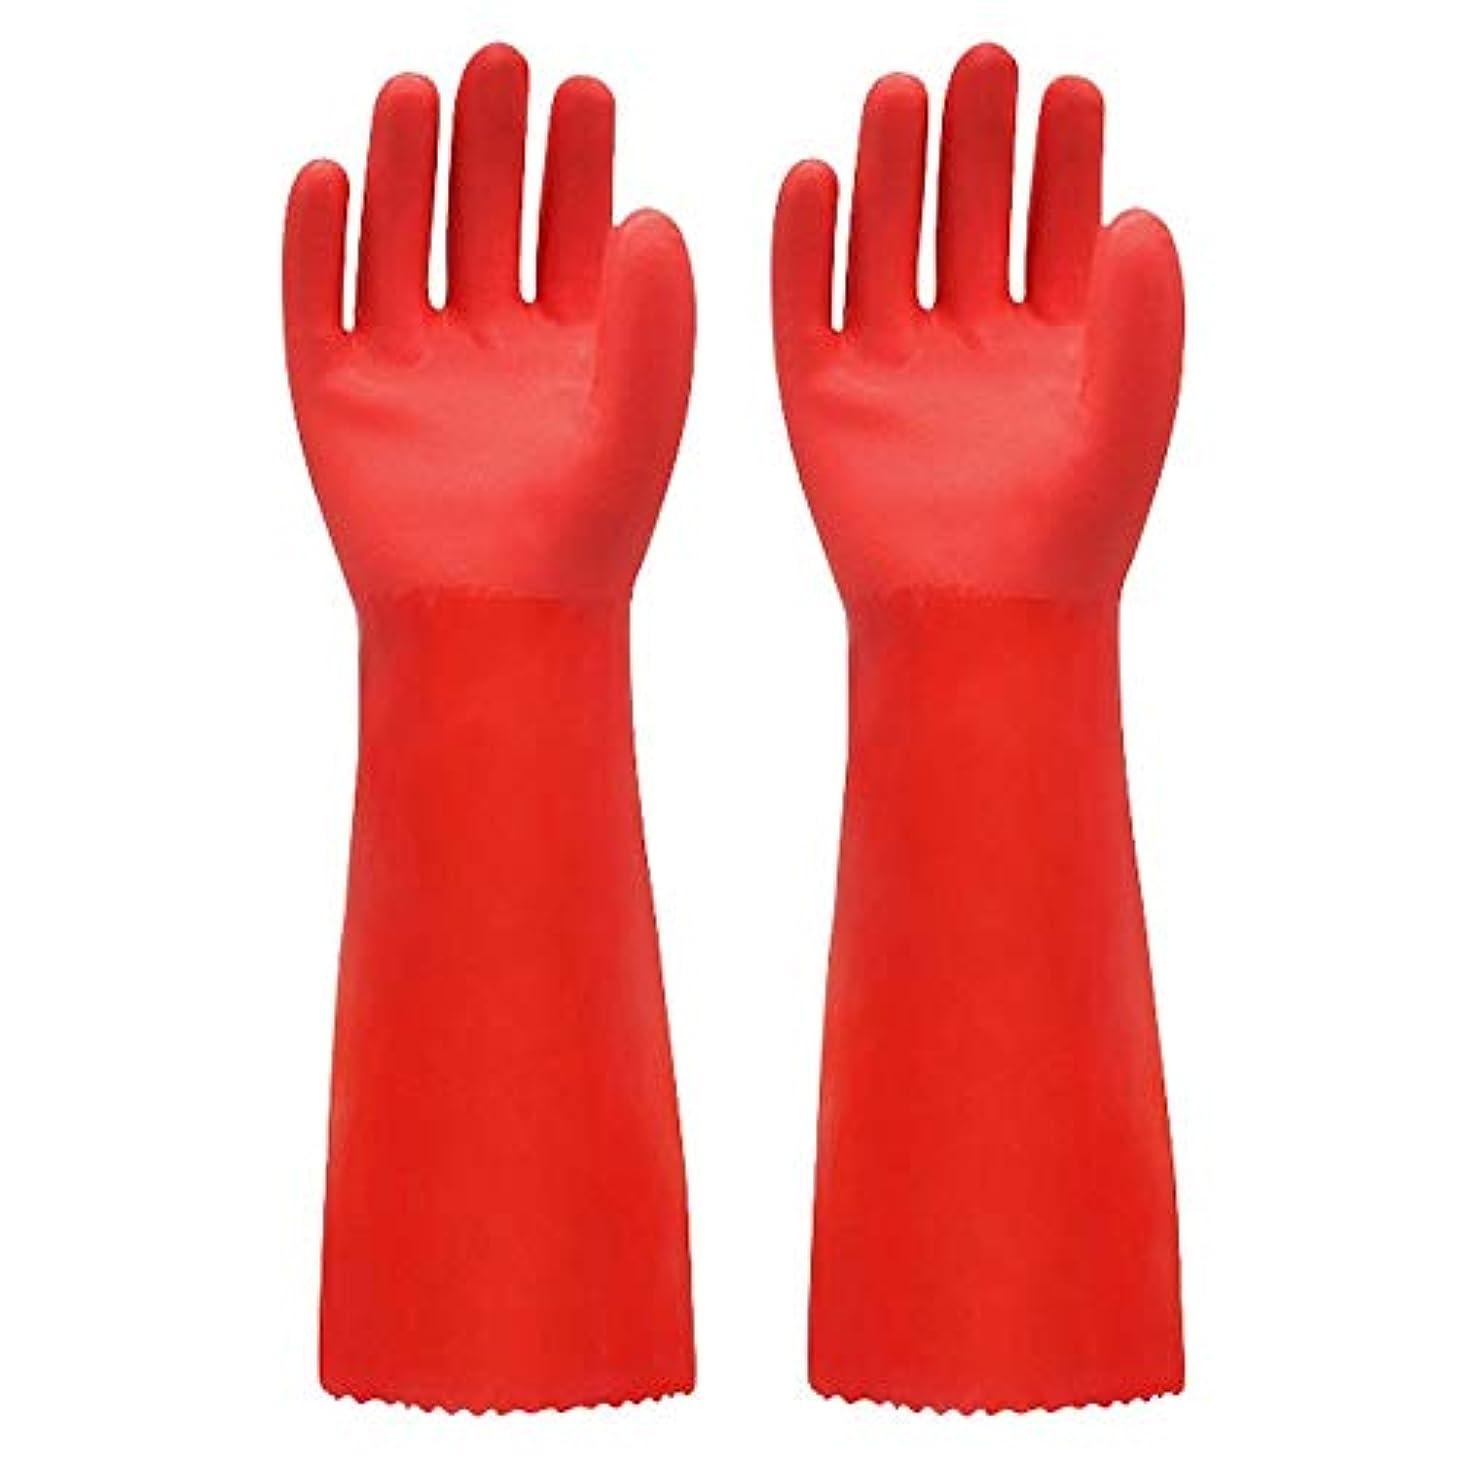 従来の王位才能のあるBTXXYJP キッチン用手袋 手袋 掃除用 ロング 耐摩耗 食器洗い 作業 炊事 食器洗い 園芸 洗車 防水 手袋 (Color : RED, Size : L)